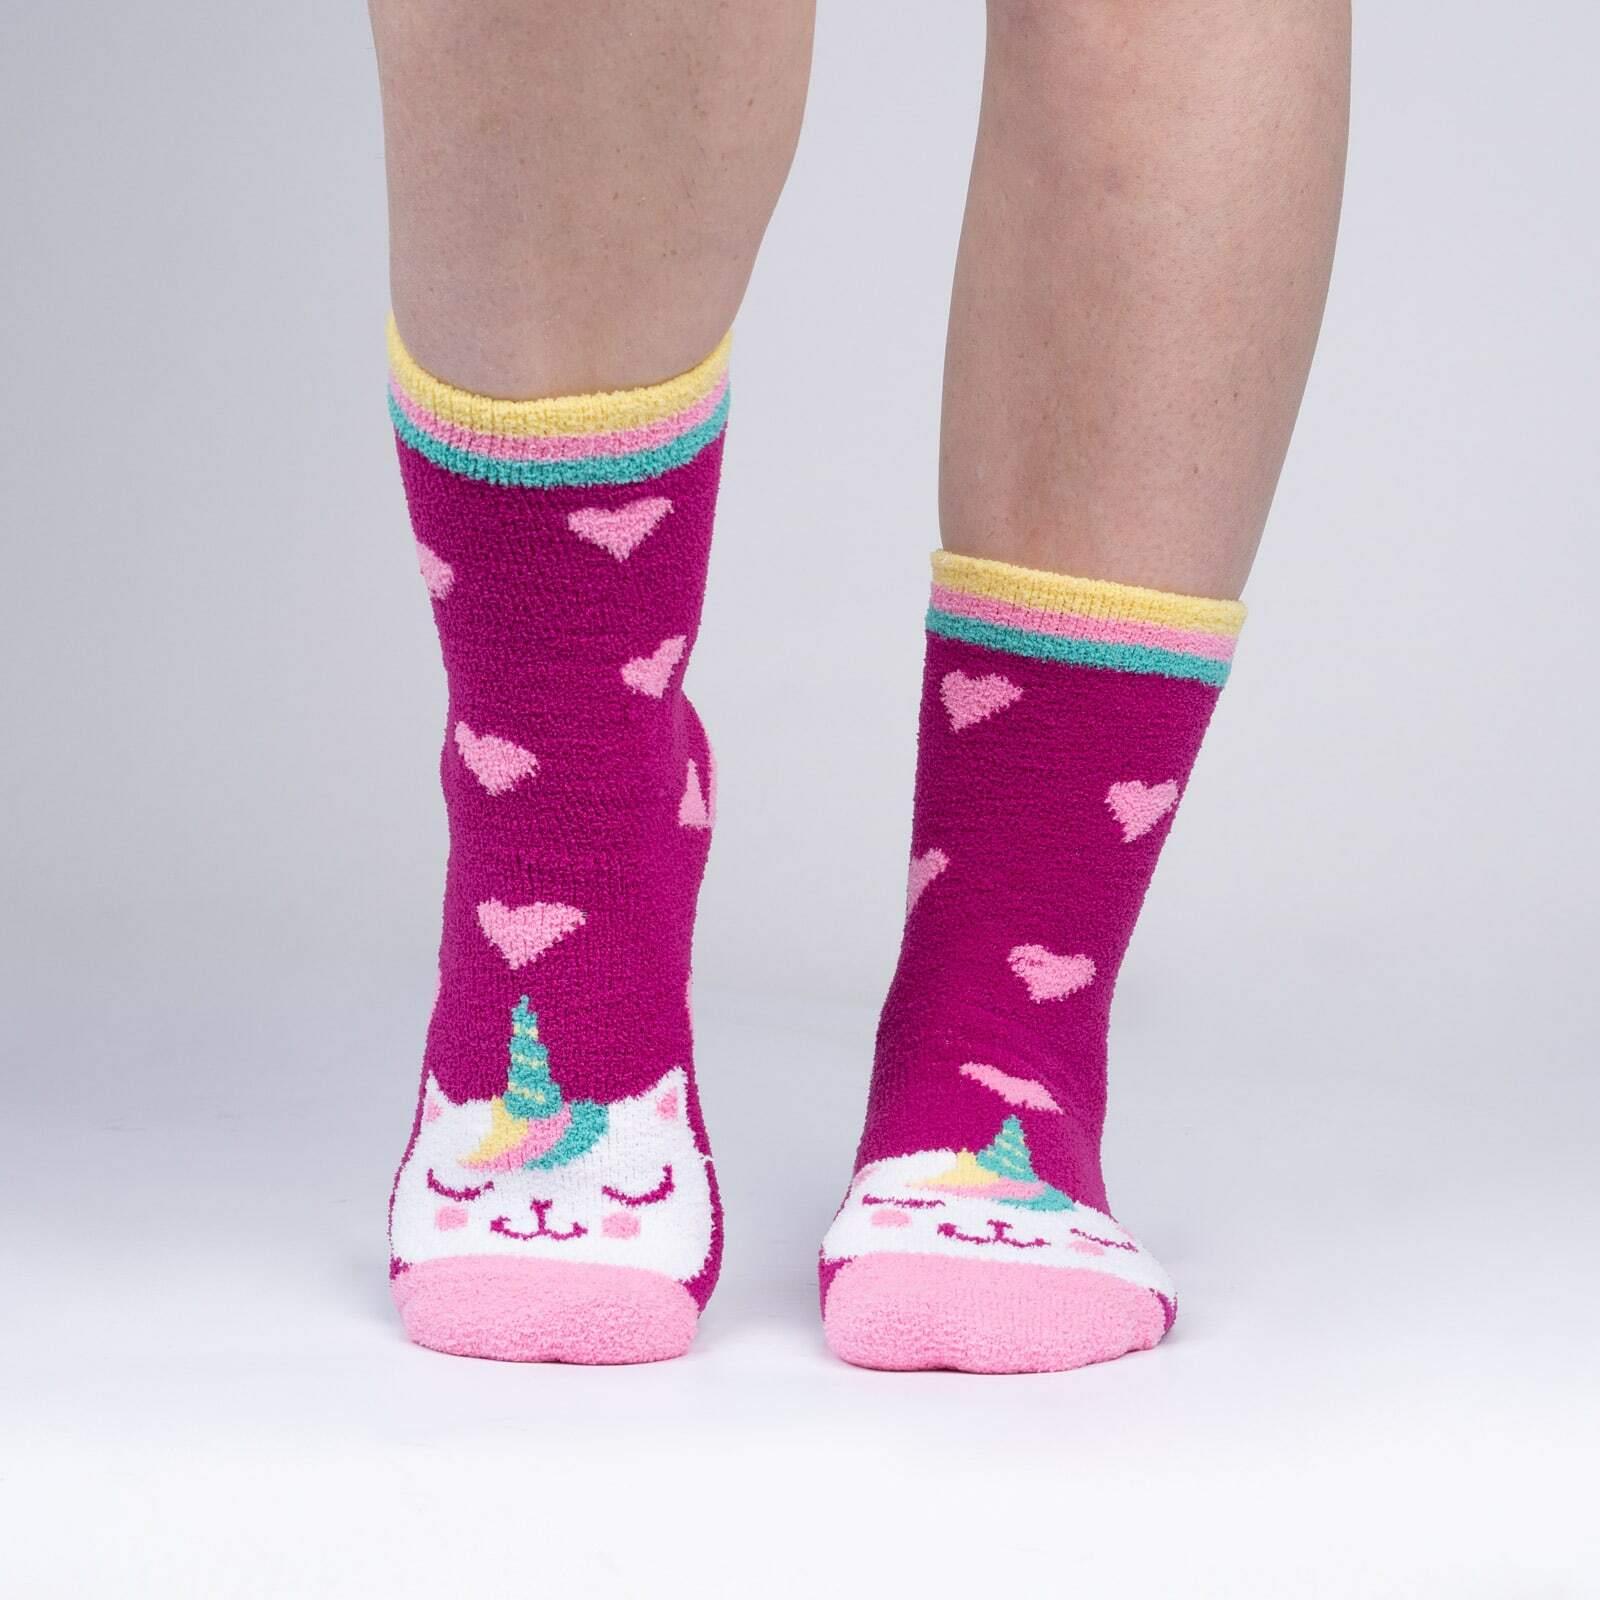 model wearing Mewnicorn - Fuzzy Cat Unicorn Slipper Socks - Women's